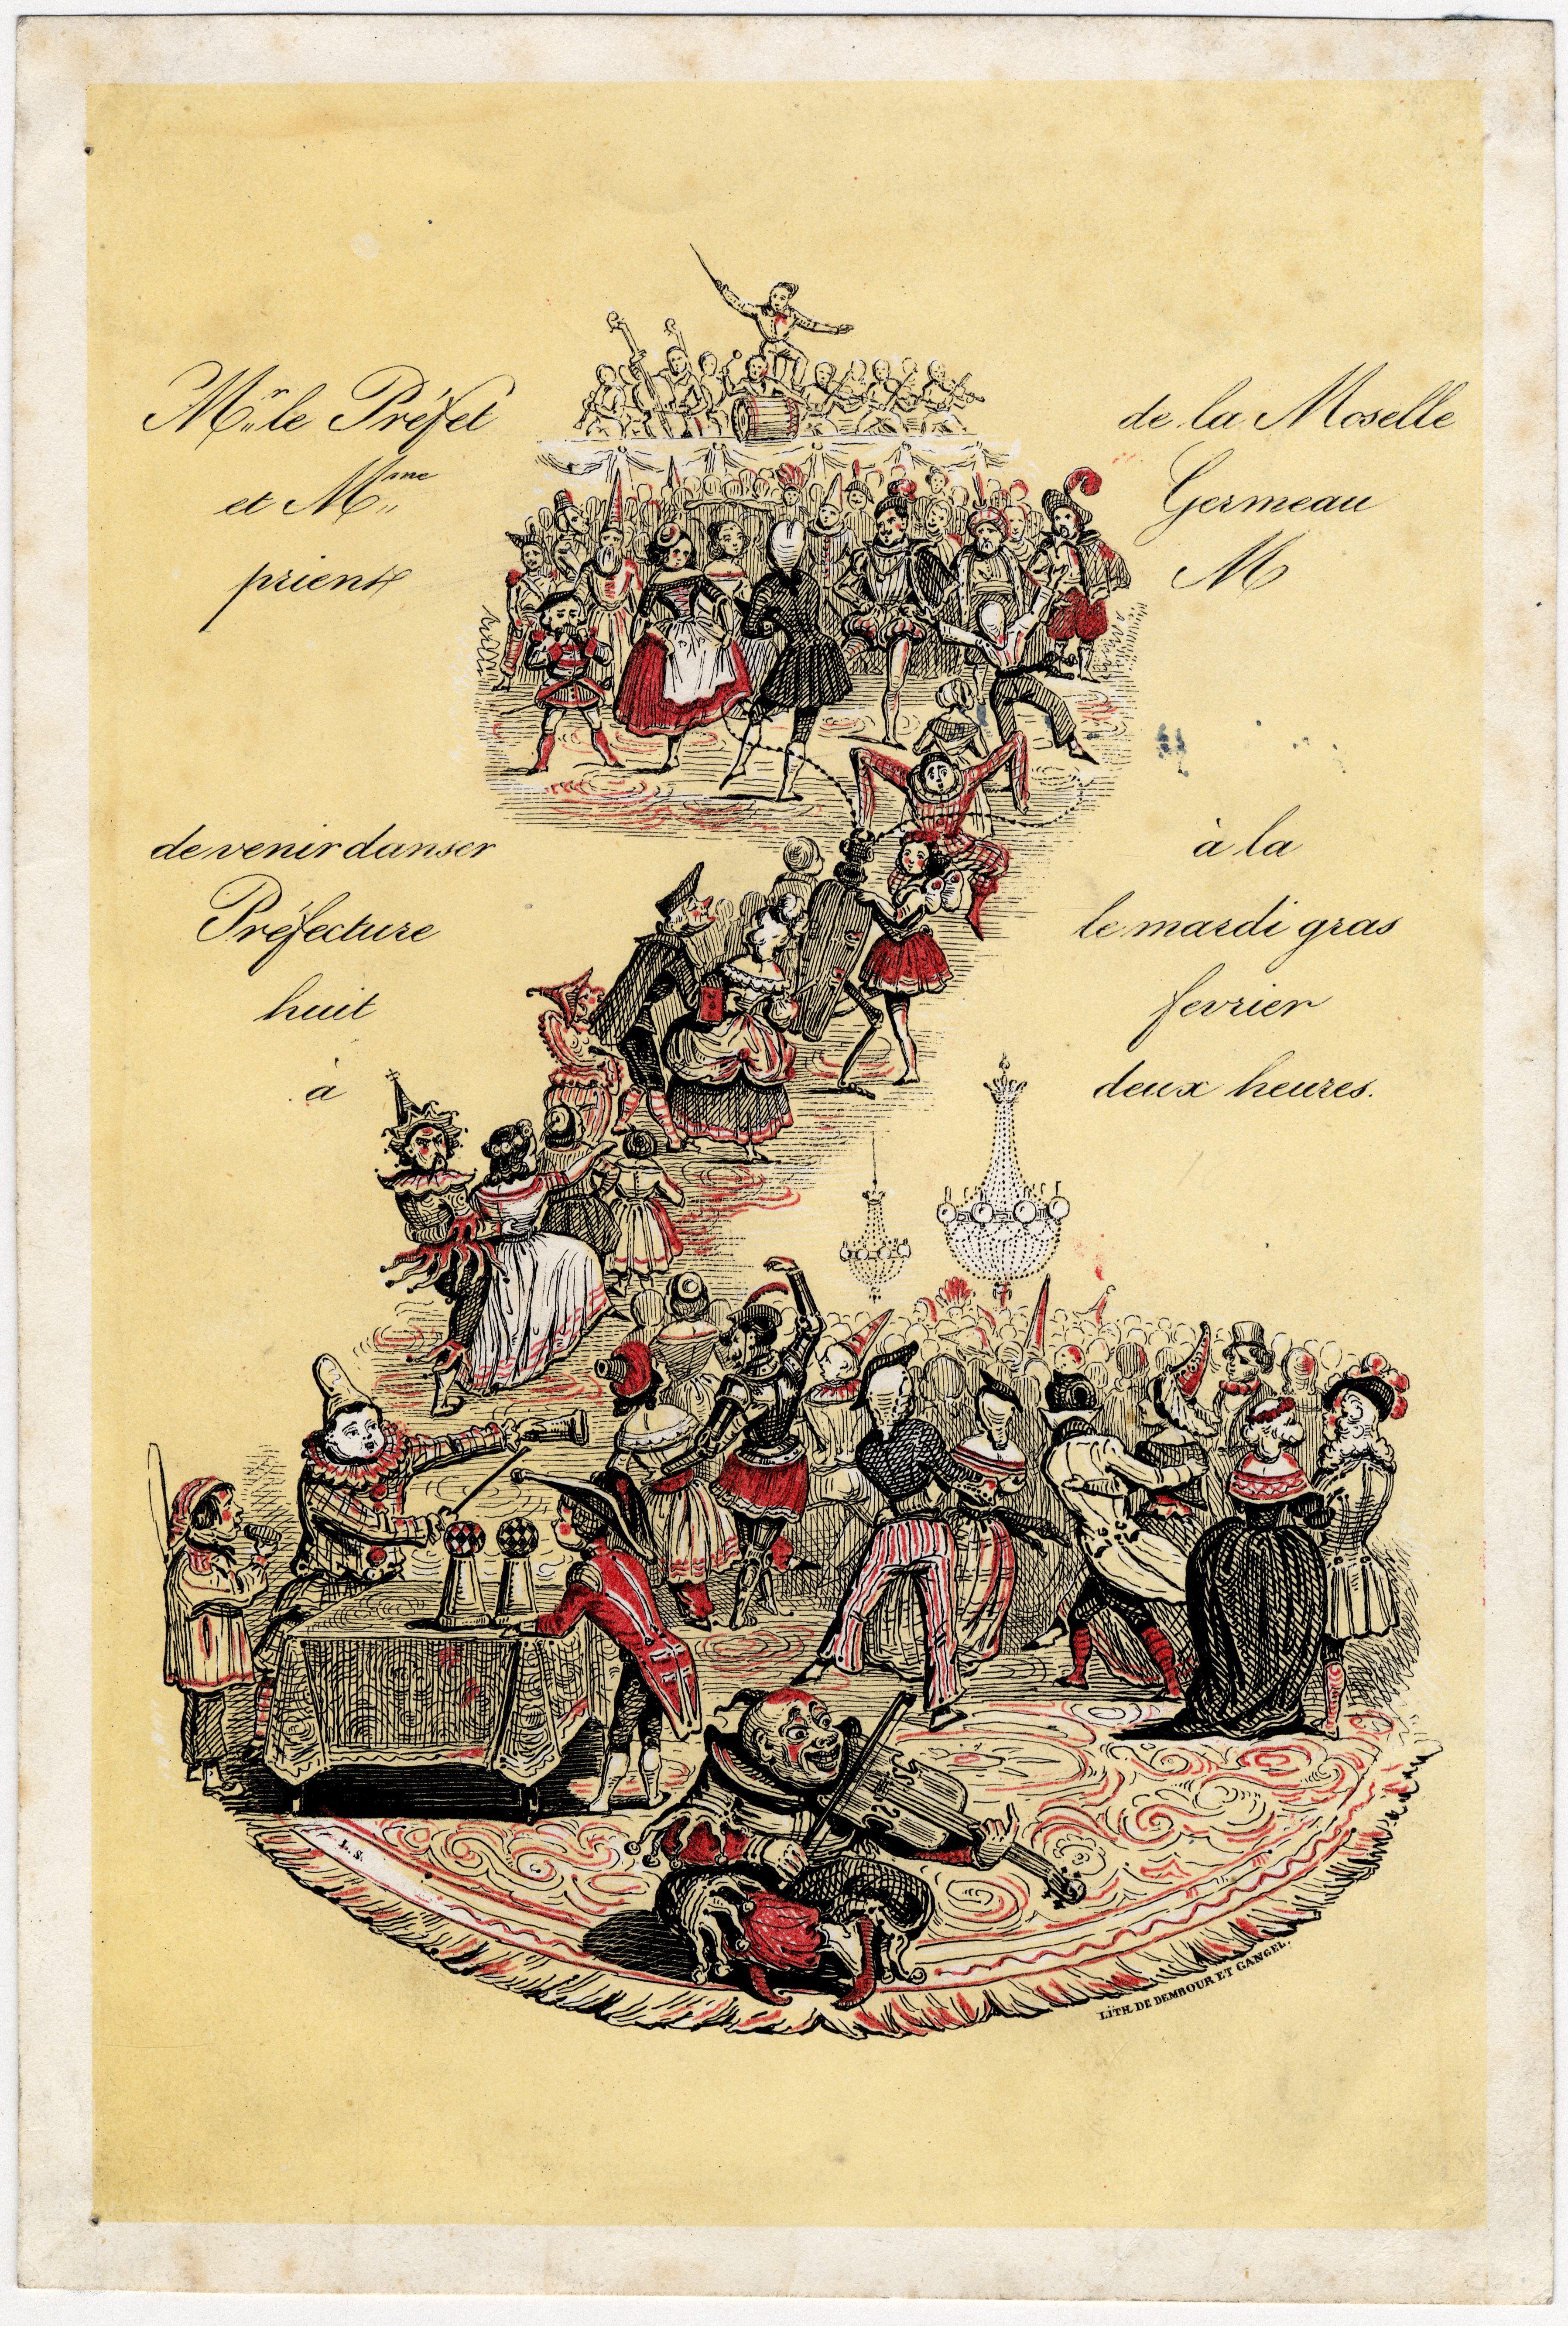 Contenu du Billet d'invitation du Préfet de la Moselle pour Mardi gras